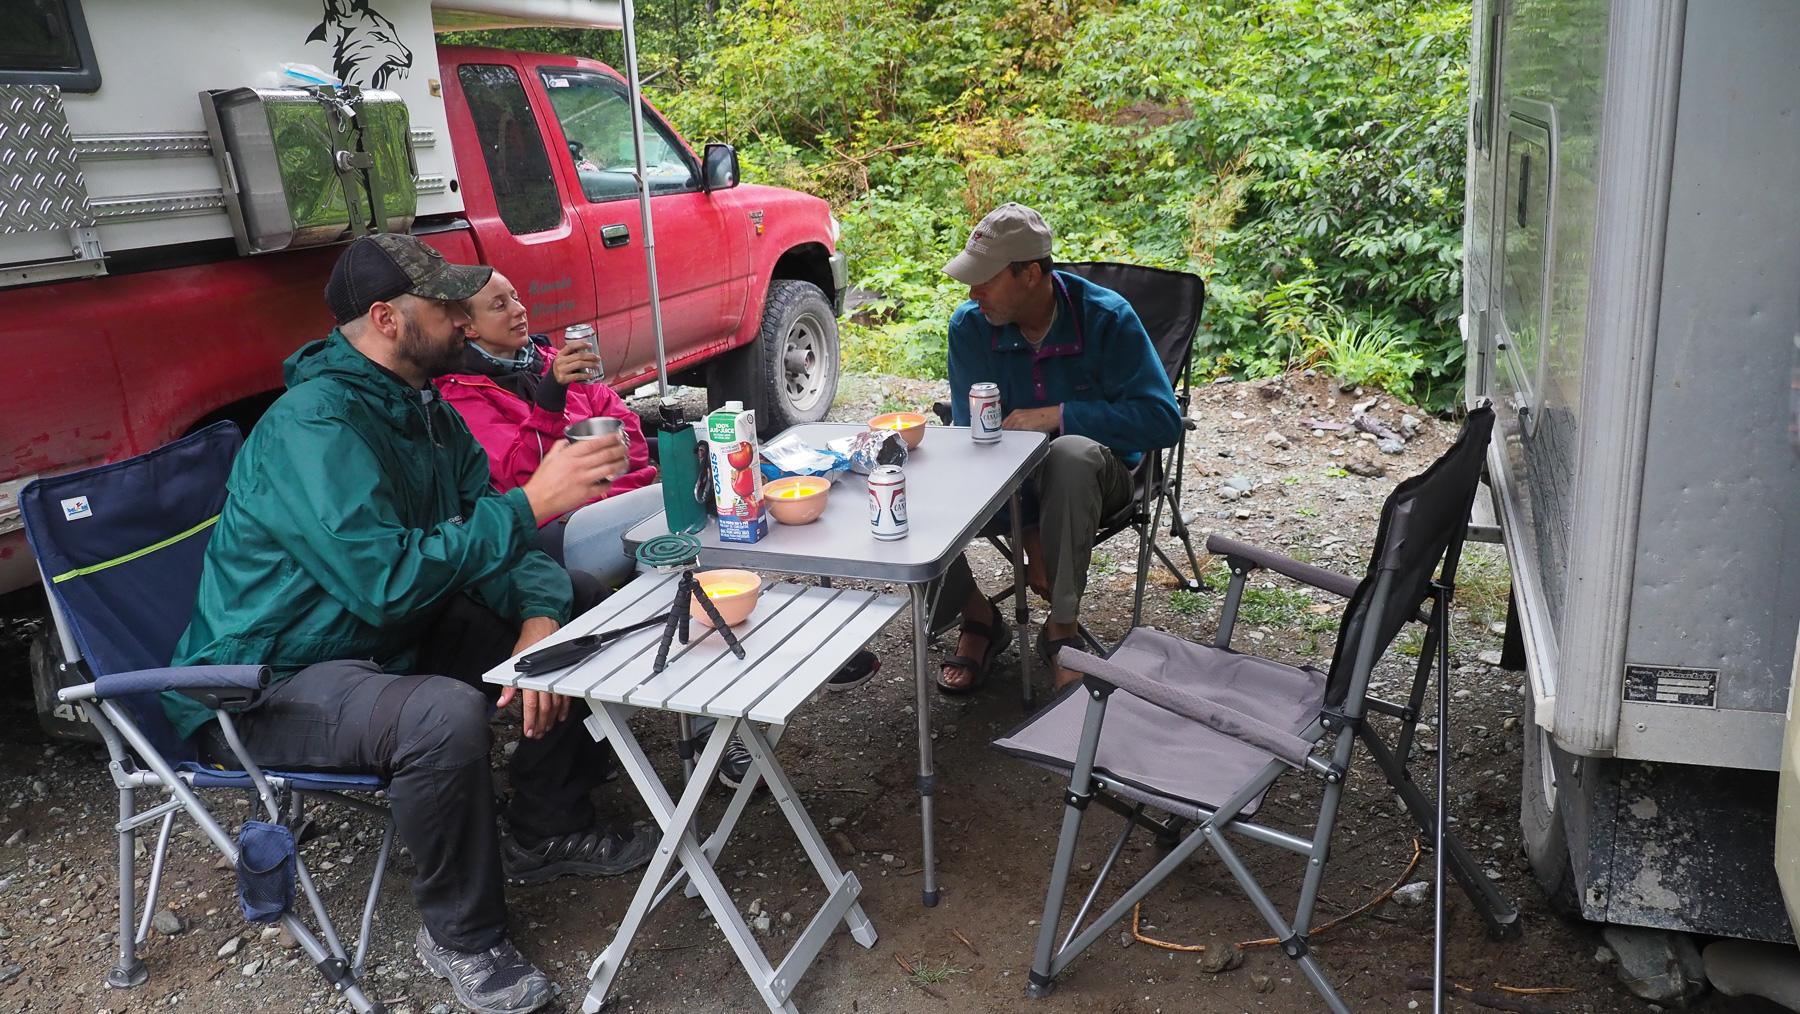 gemütliches Lager, leider zuwenig Lebensmittel dabei für den spontanen Ausflug